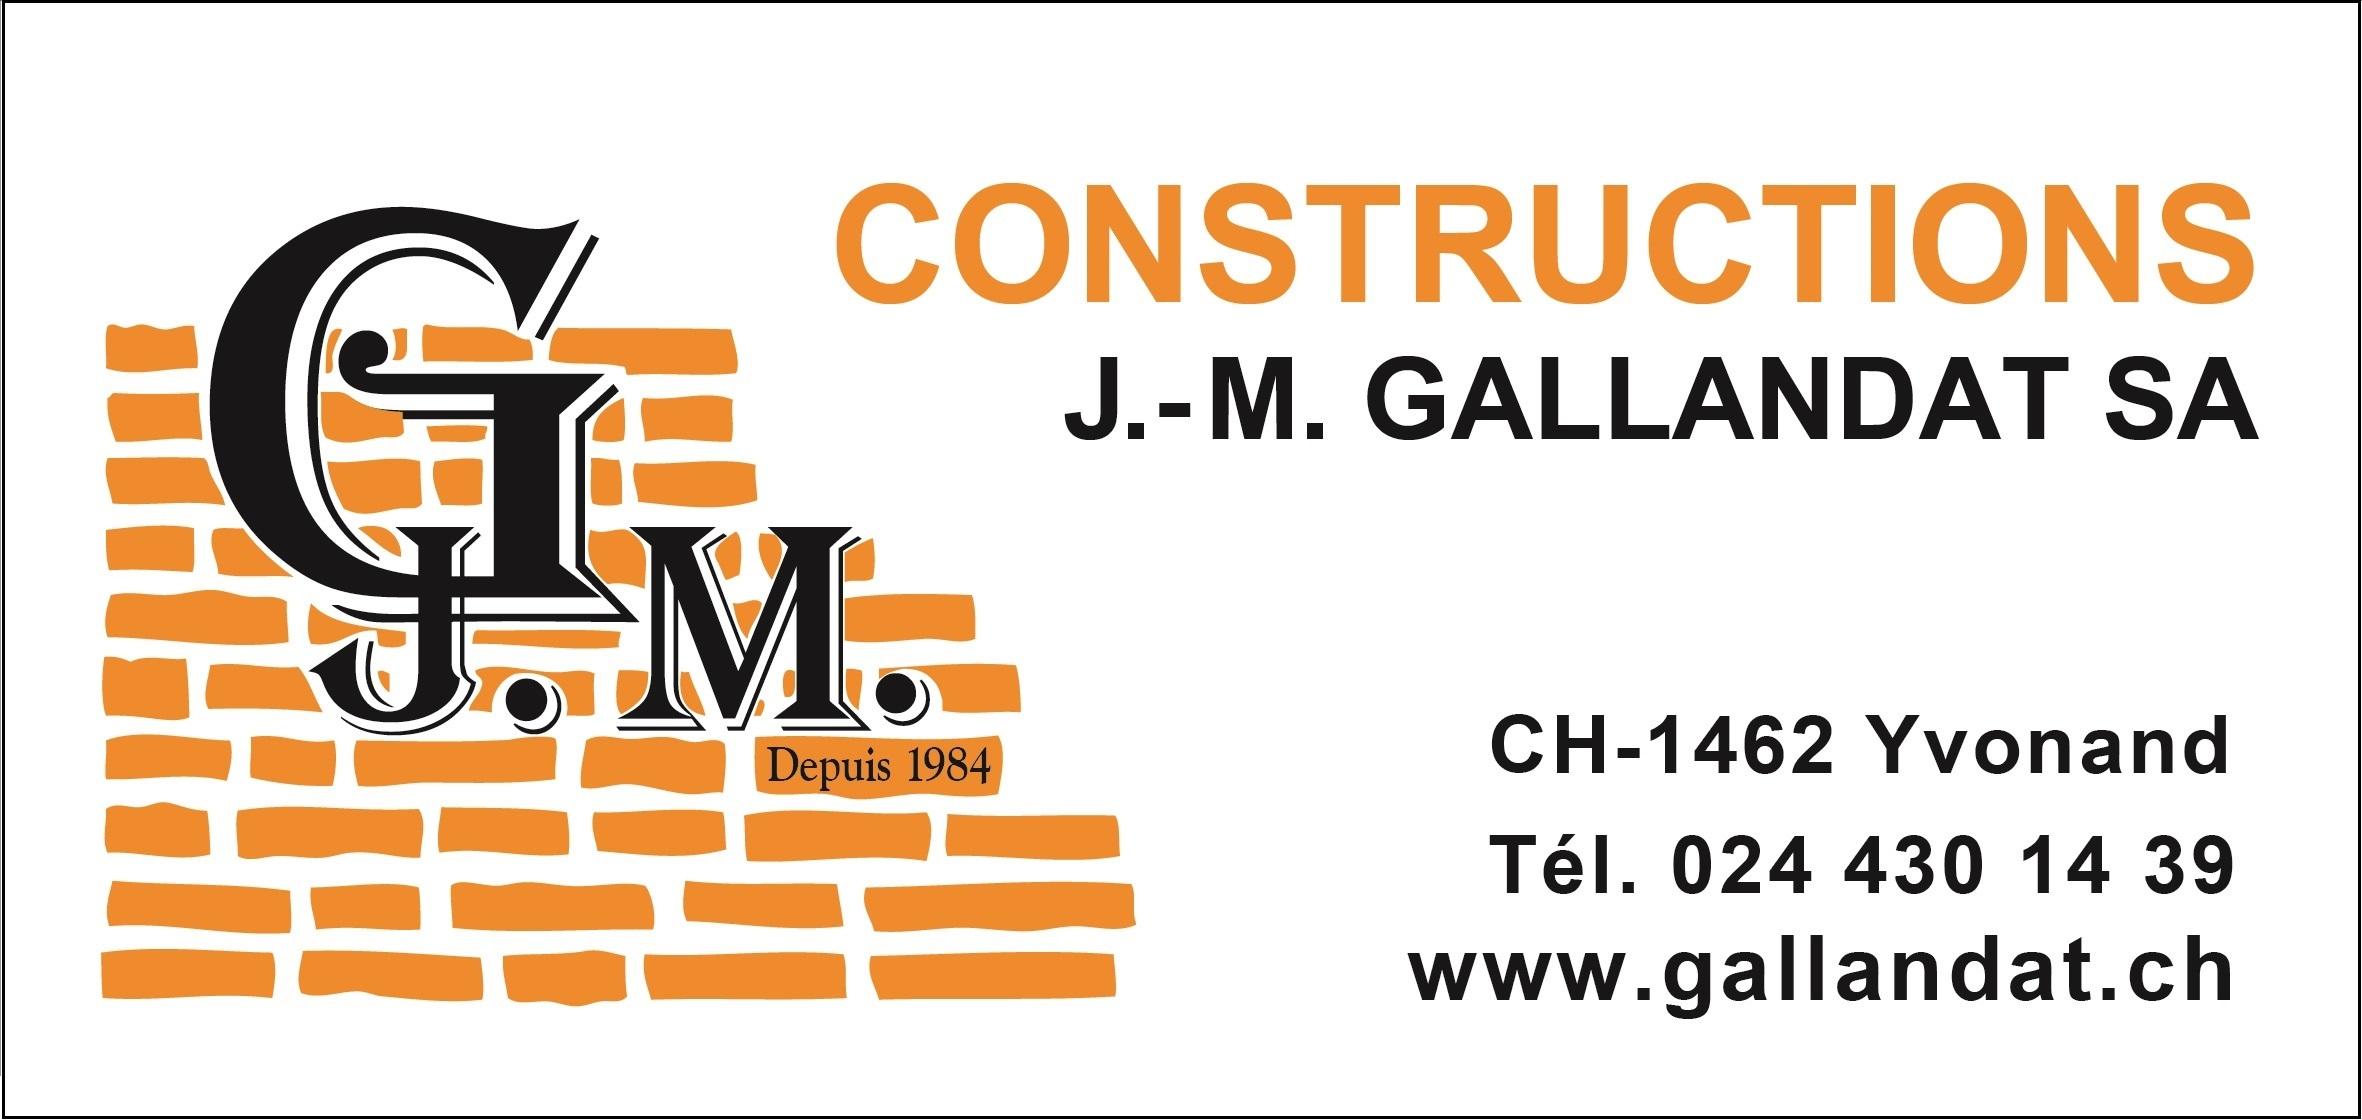 Panneau PUB  J.-M. Gallandat SA Constructions_1